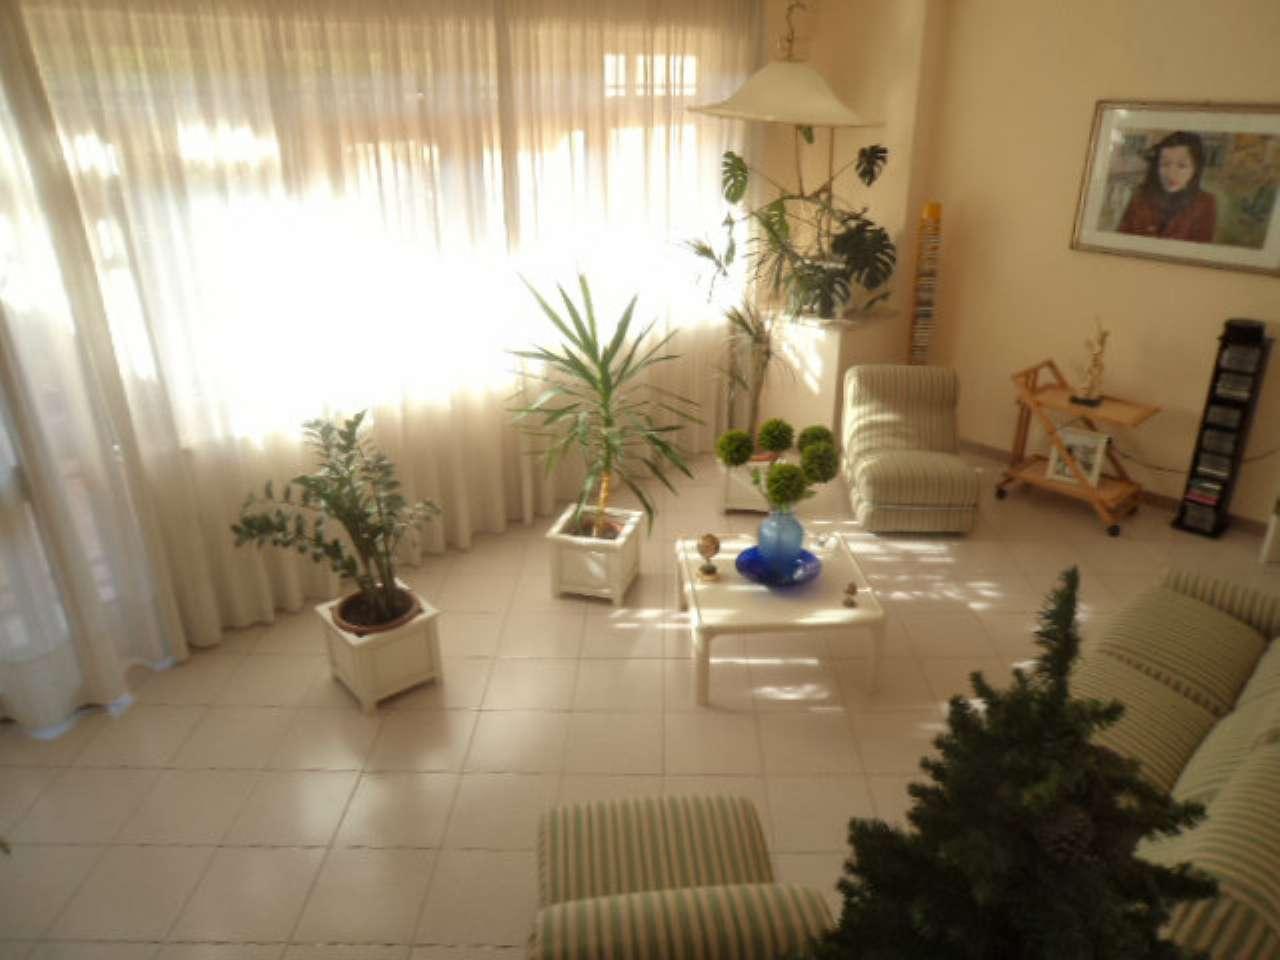 Villa in vendita a Giugliano in Campania, 8 locali, prezzo € 329.000 | CambioCasa.it